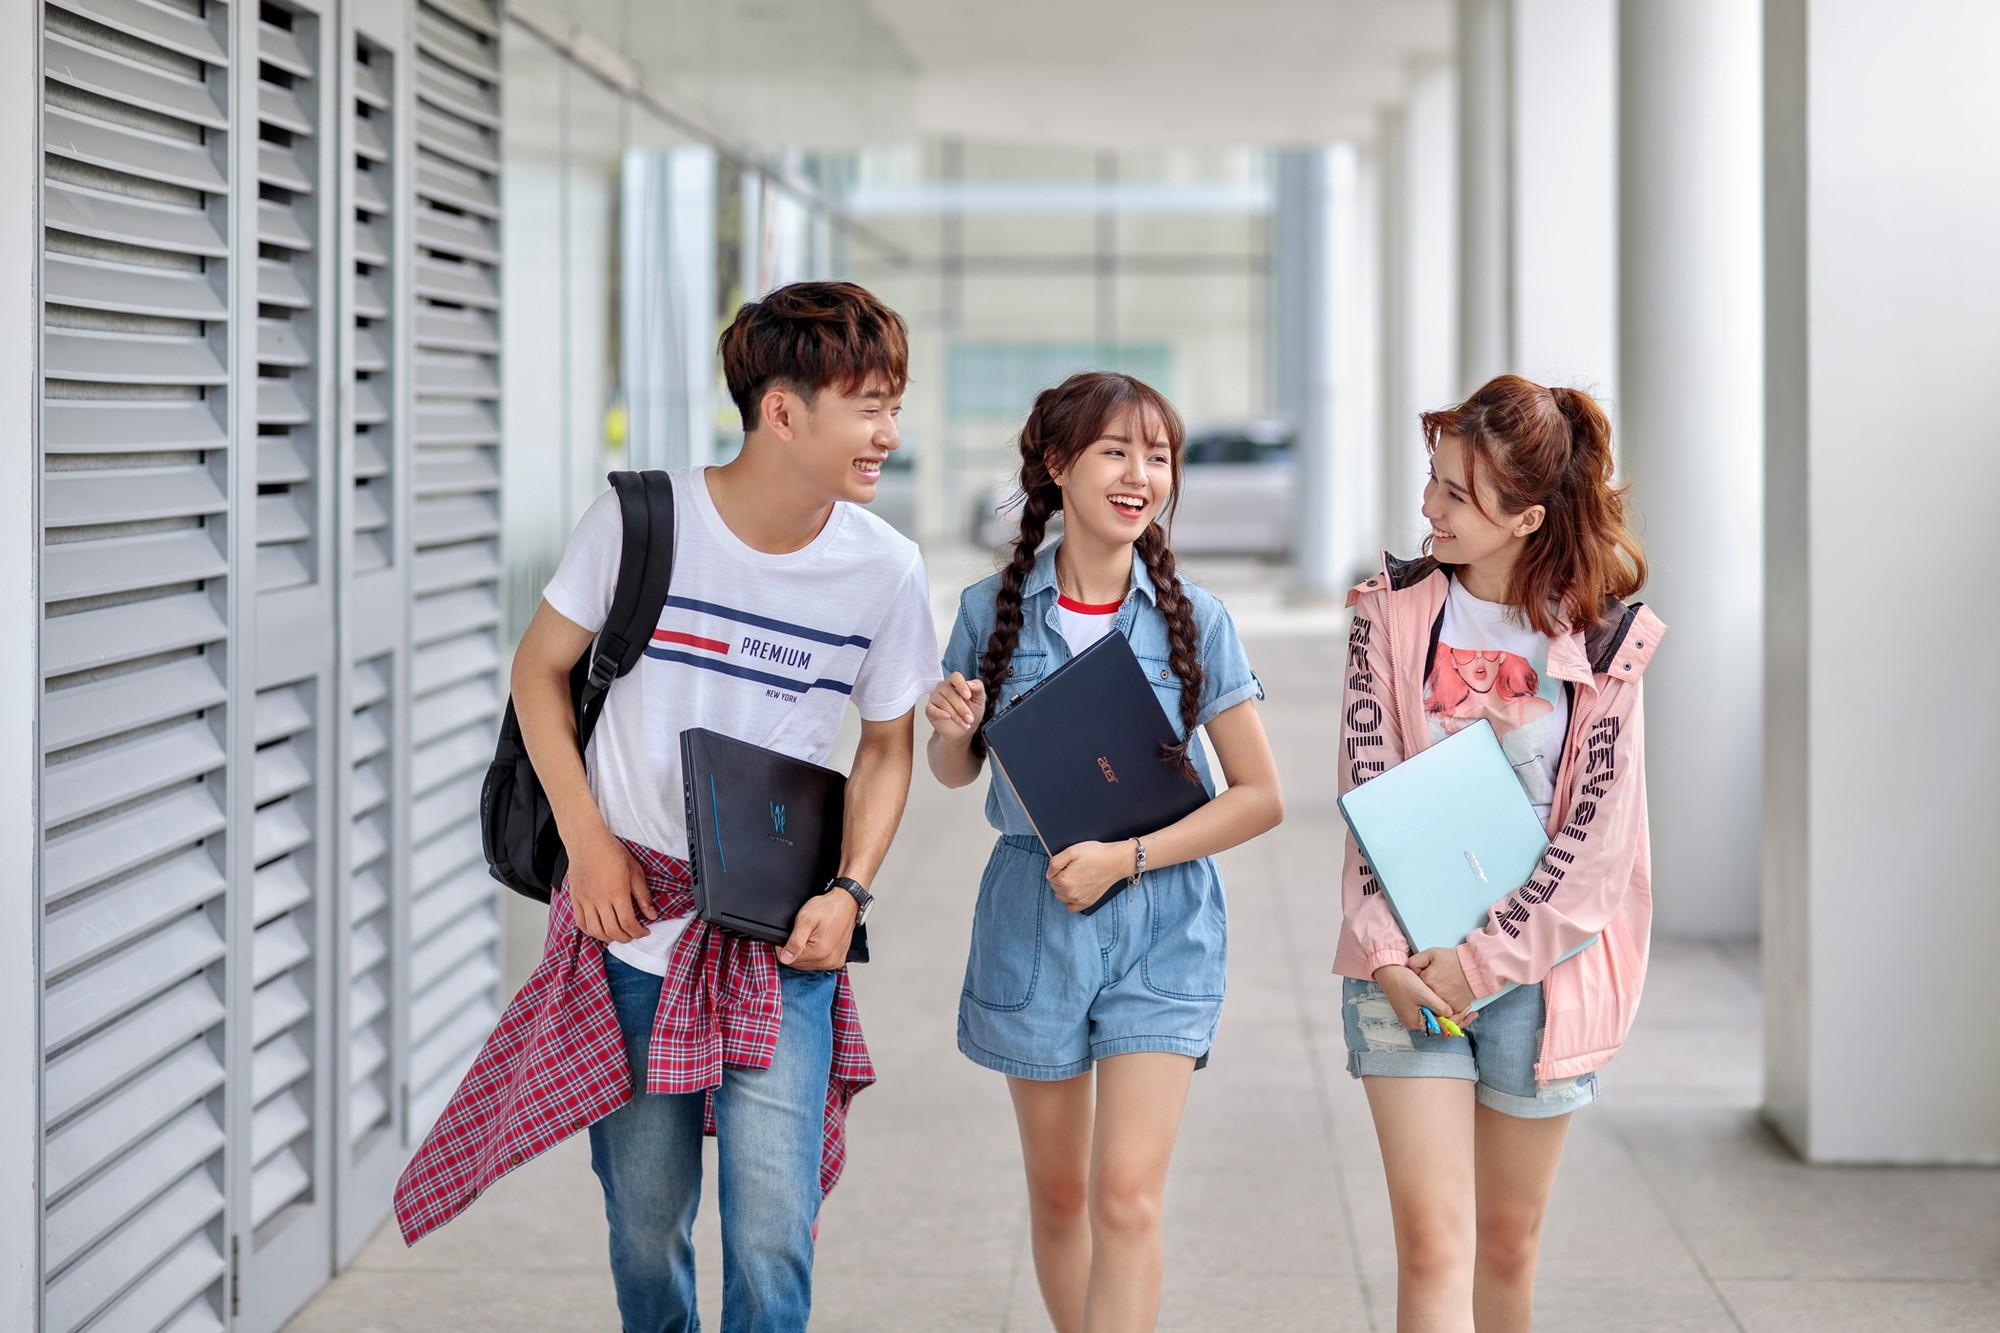 Acer giới thiệu chương trình khuyến mãi lớn nhất trong năm nhân mùa tựu trường Back To School - Ảnh 4.